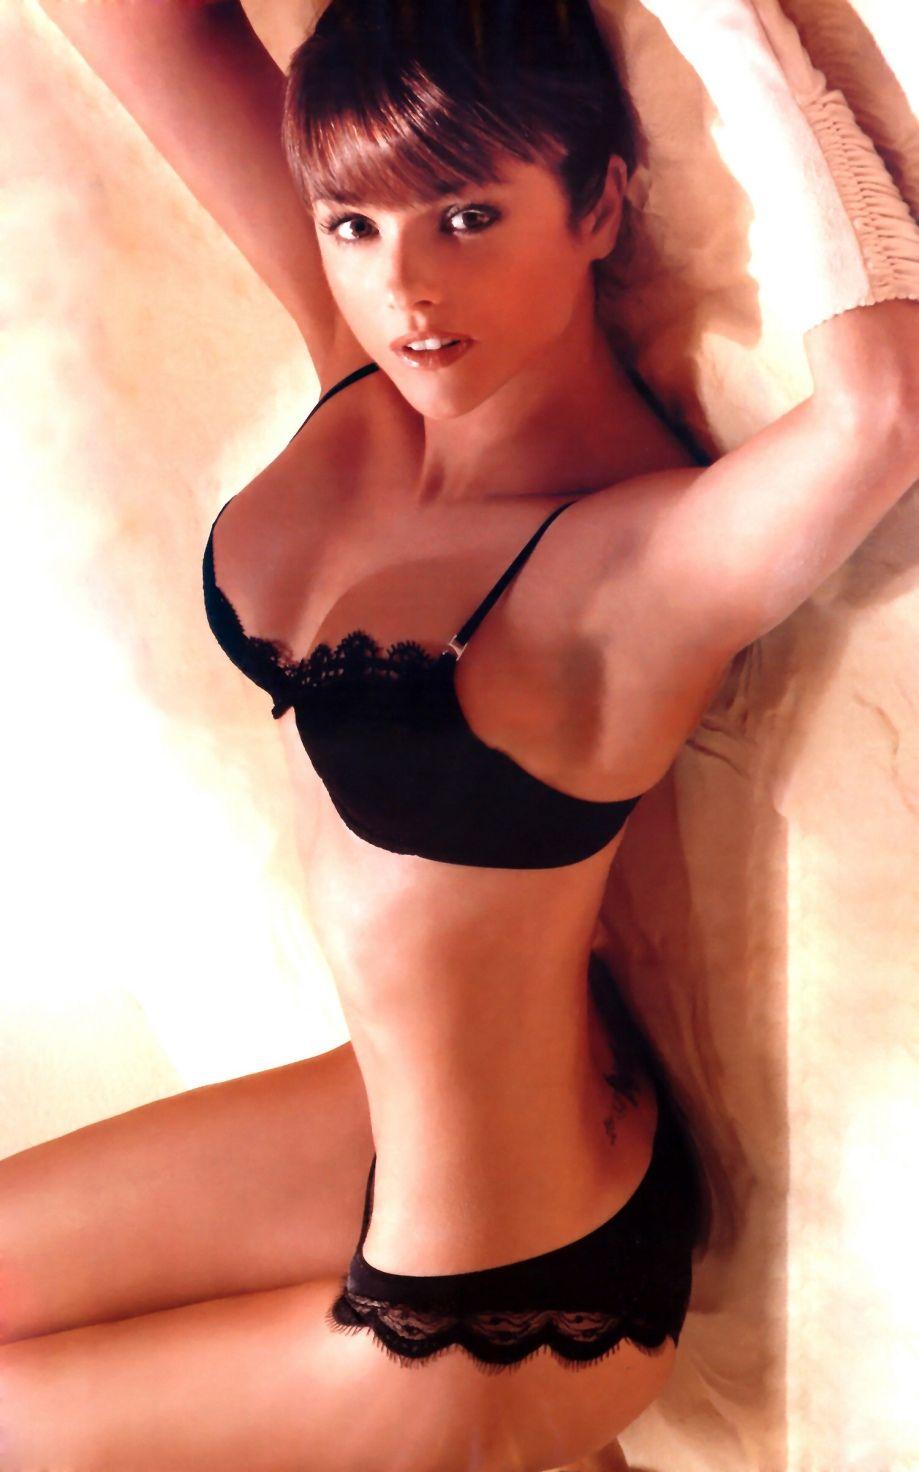 nude girl giving best blow job